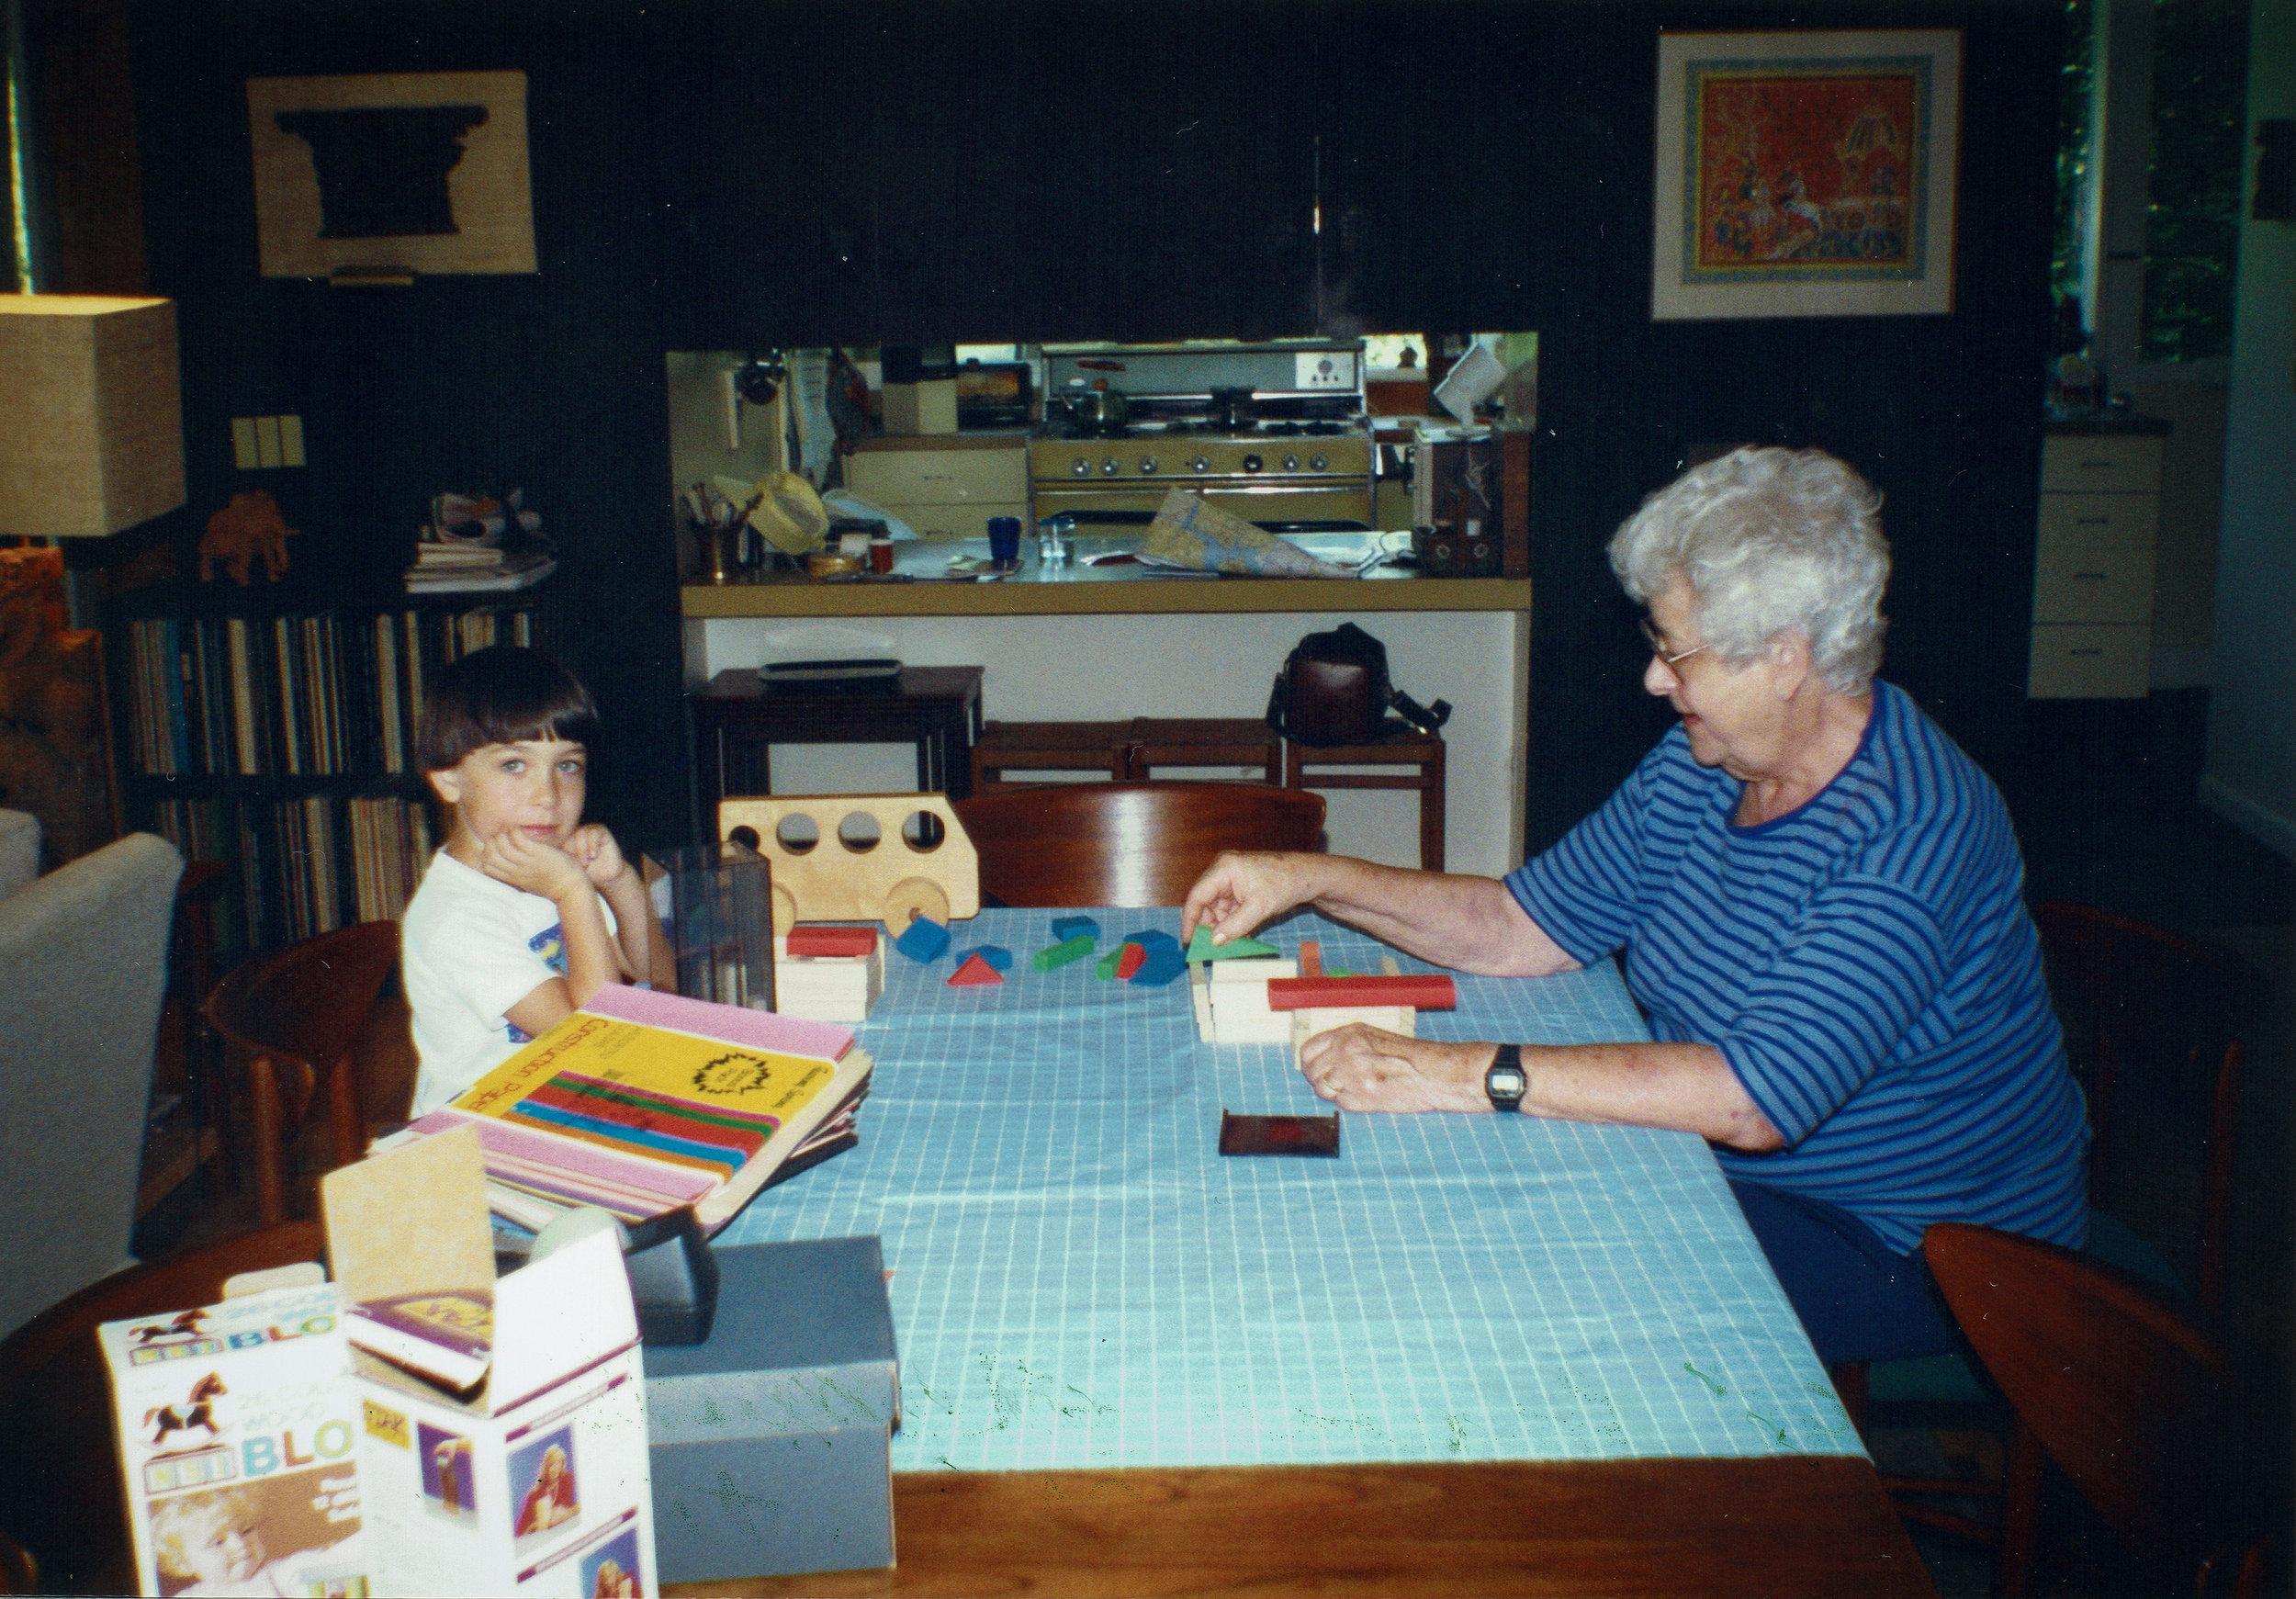 grandma and i playing.jpg